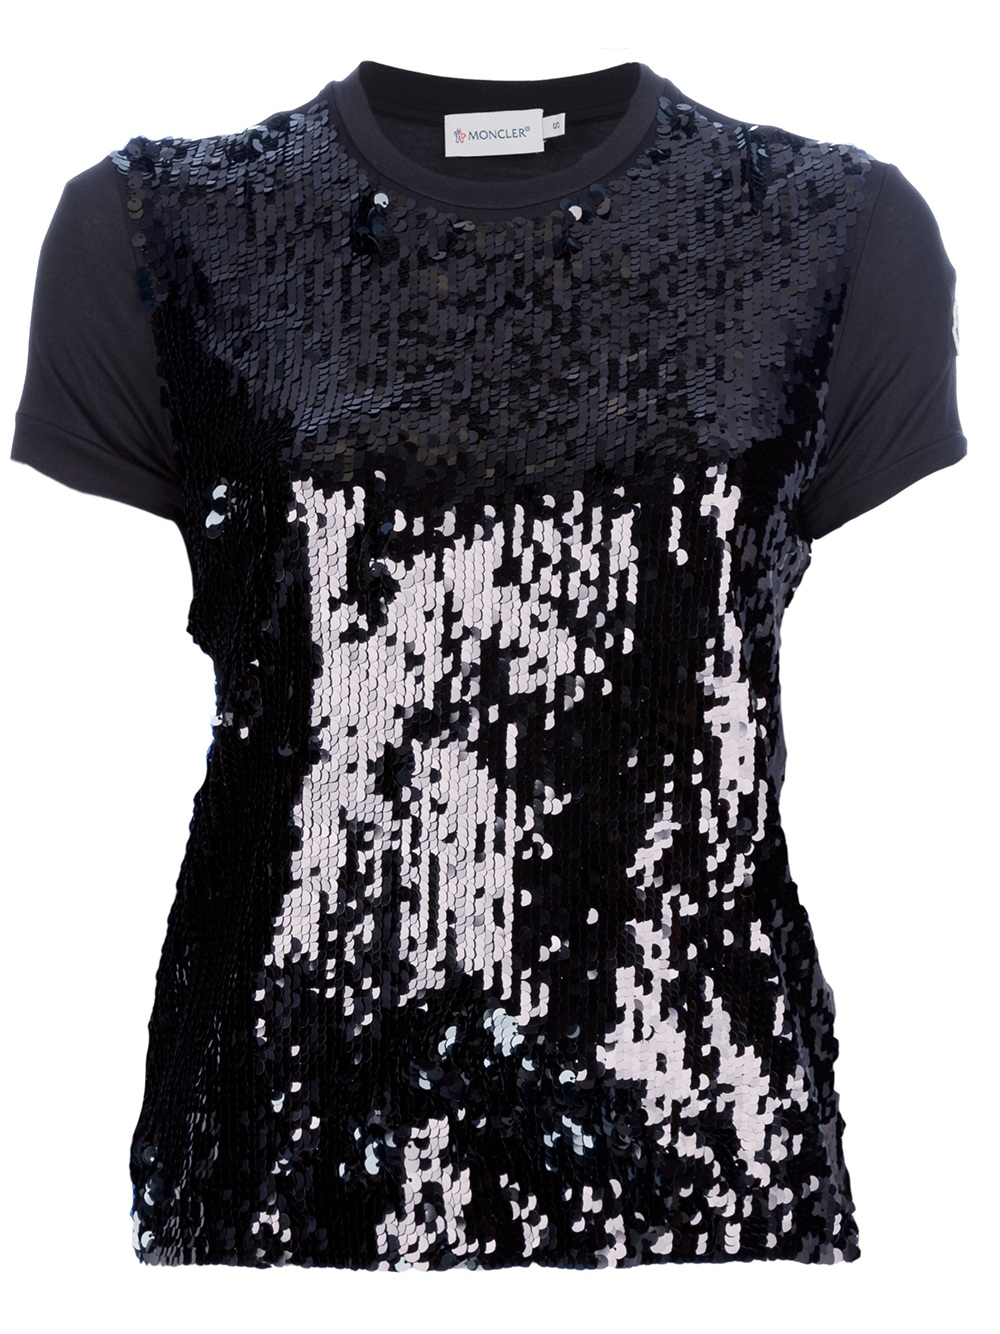 lyst moncler sequin embellished t shirt in black. Black Bedroom Furniture Sets. Home Design Ideas